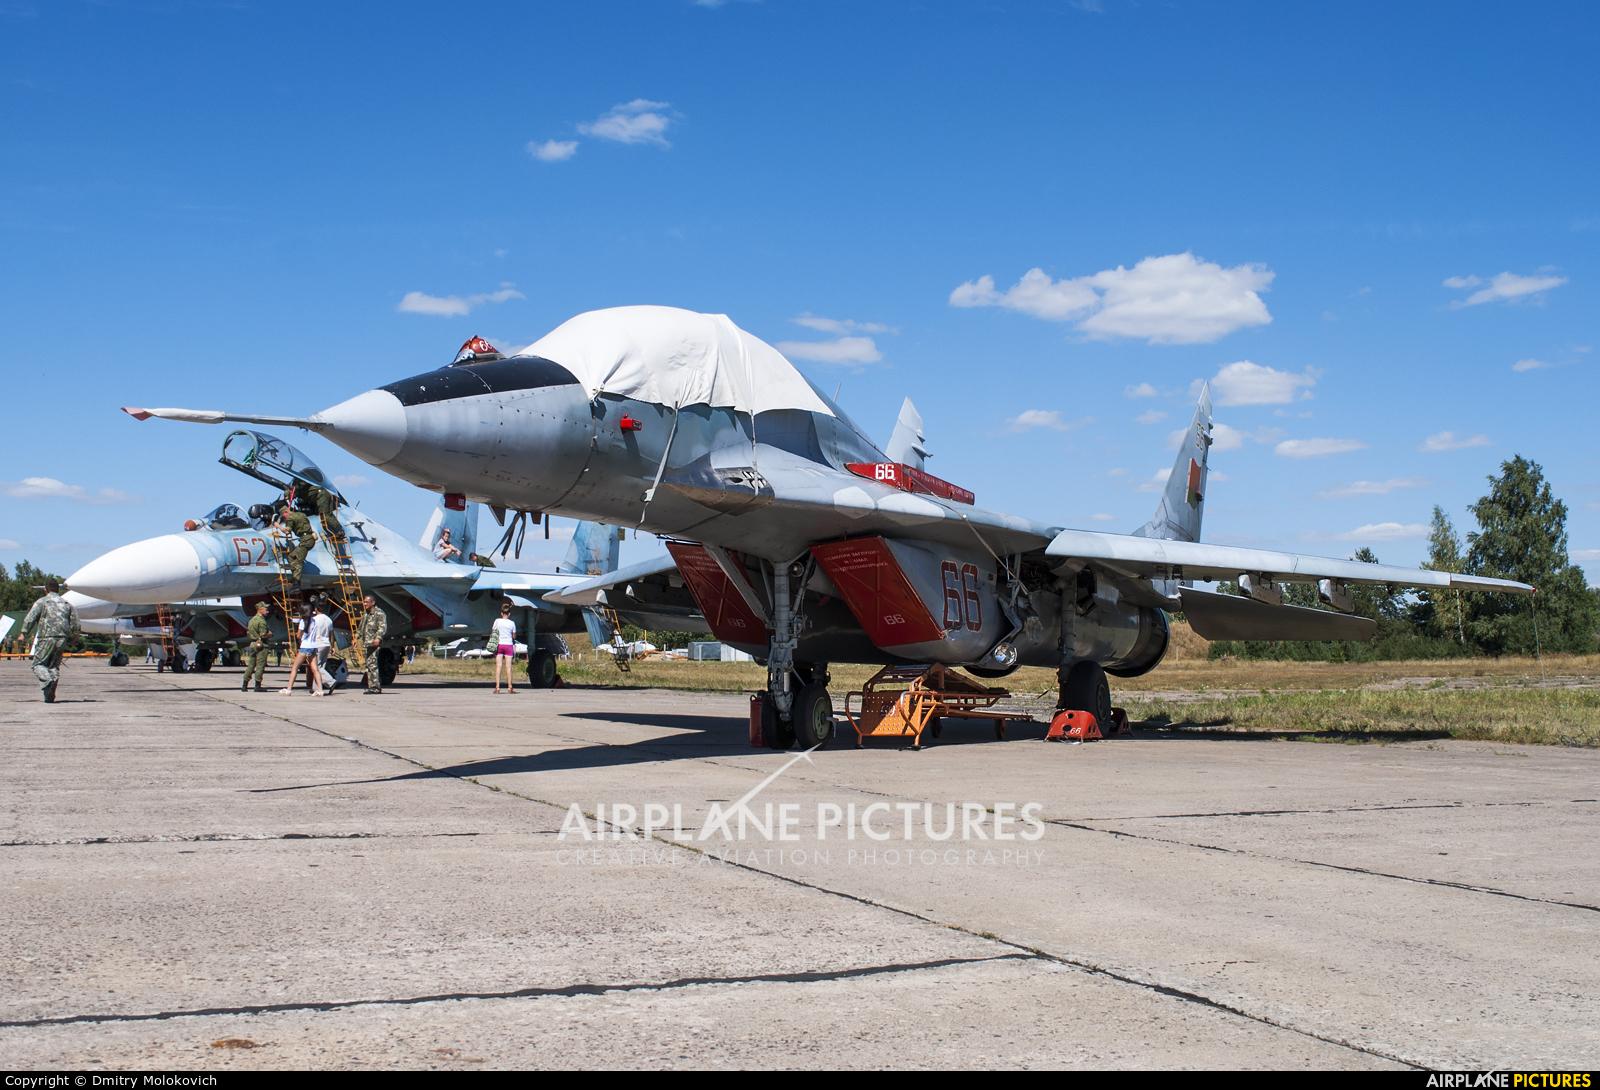 Belarus - Air Force 66 RED aircraft at Baranovichi